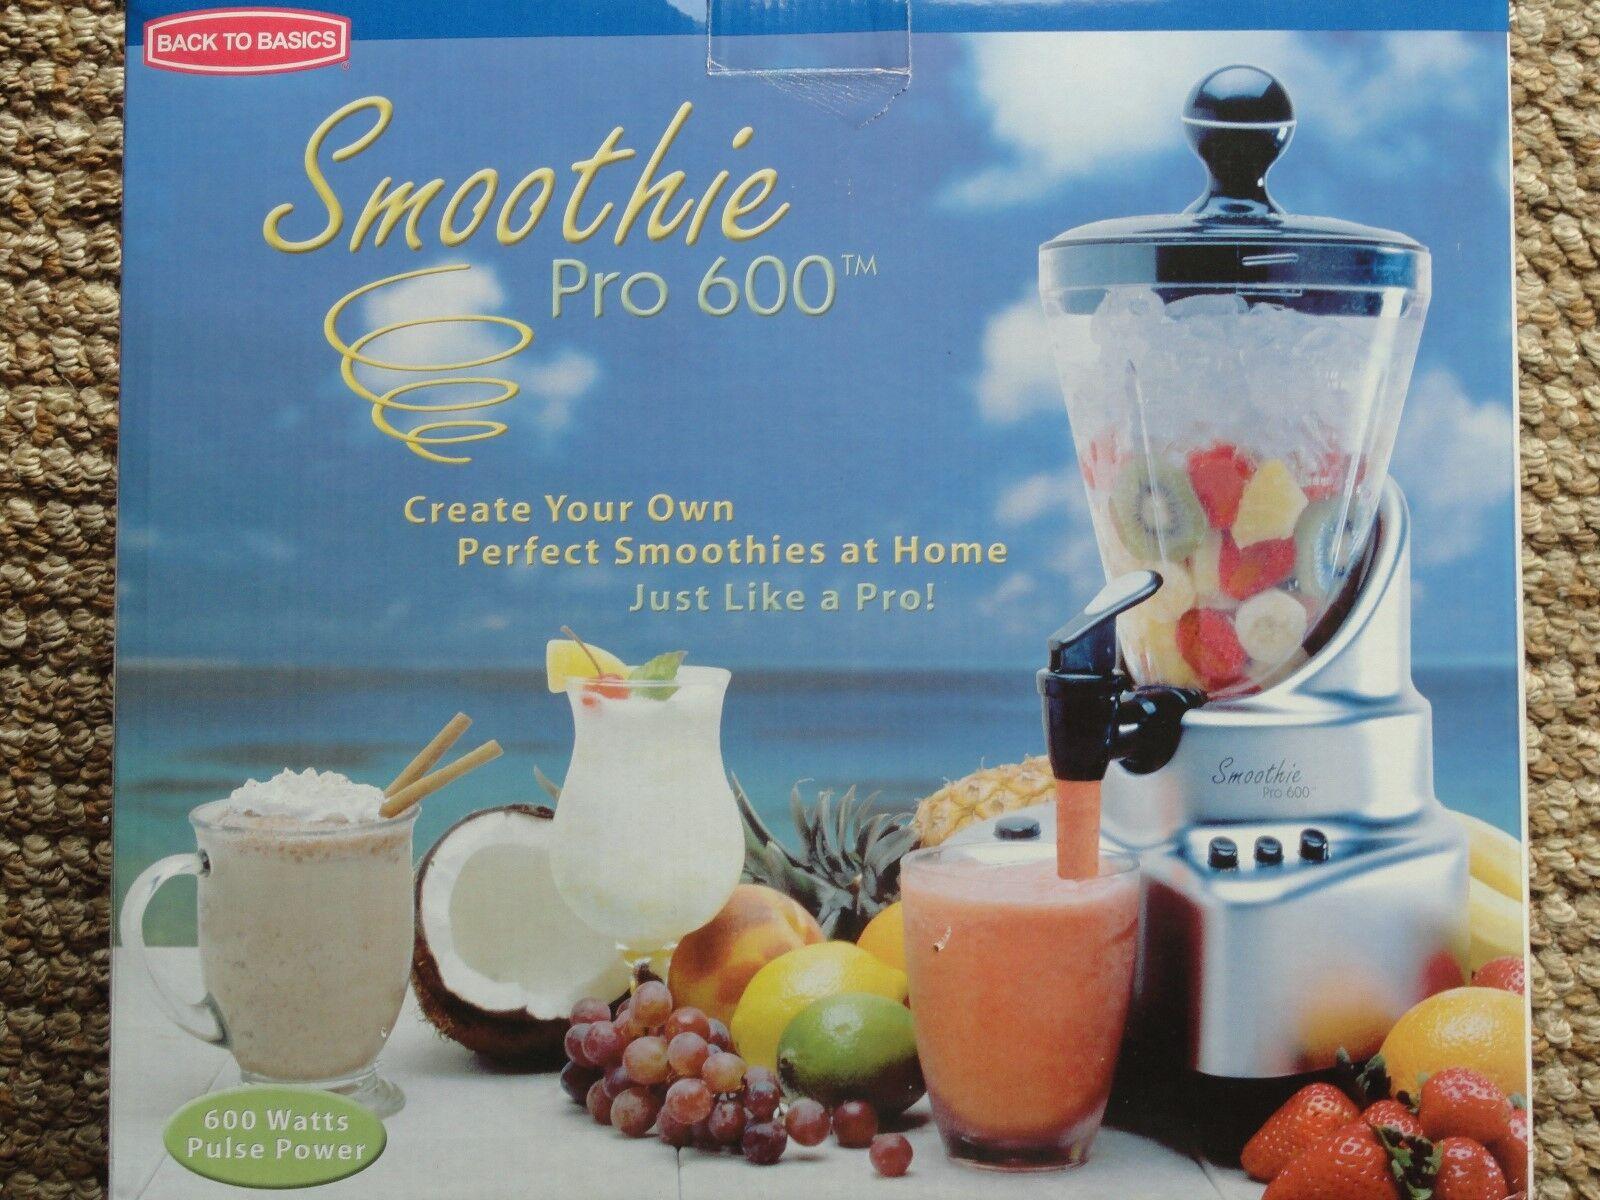 Back to Basics Sp600b Smoothie Juicer Pro 600 Blender * 450w Pulse ...